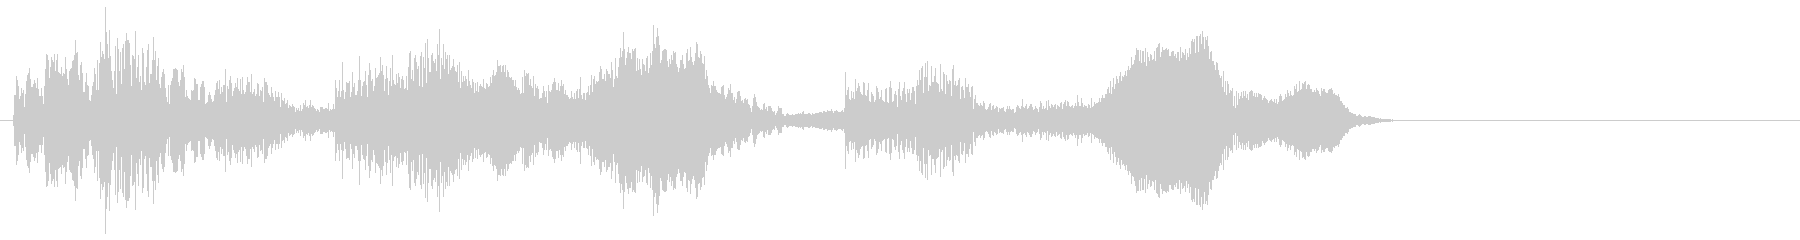 ピコリリピコリ(レトロなコンピューター)の未再生の波形